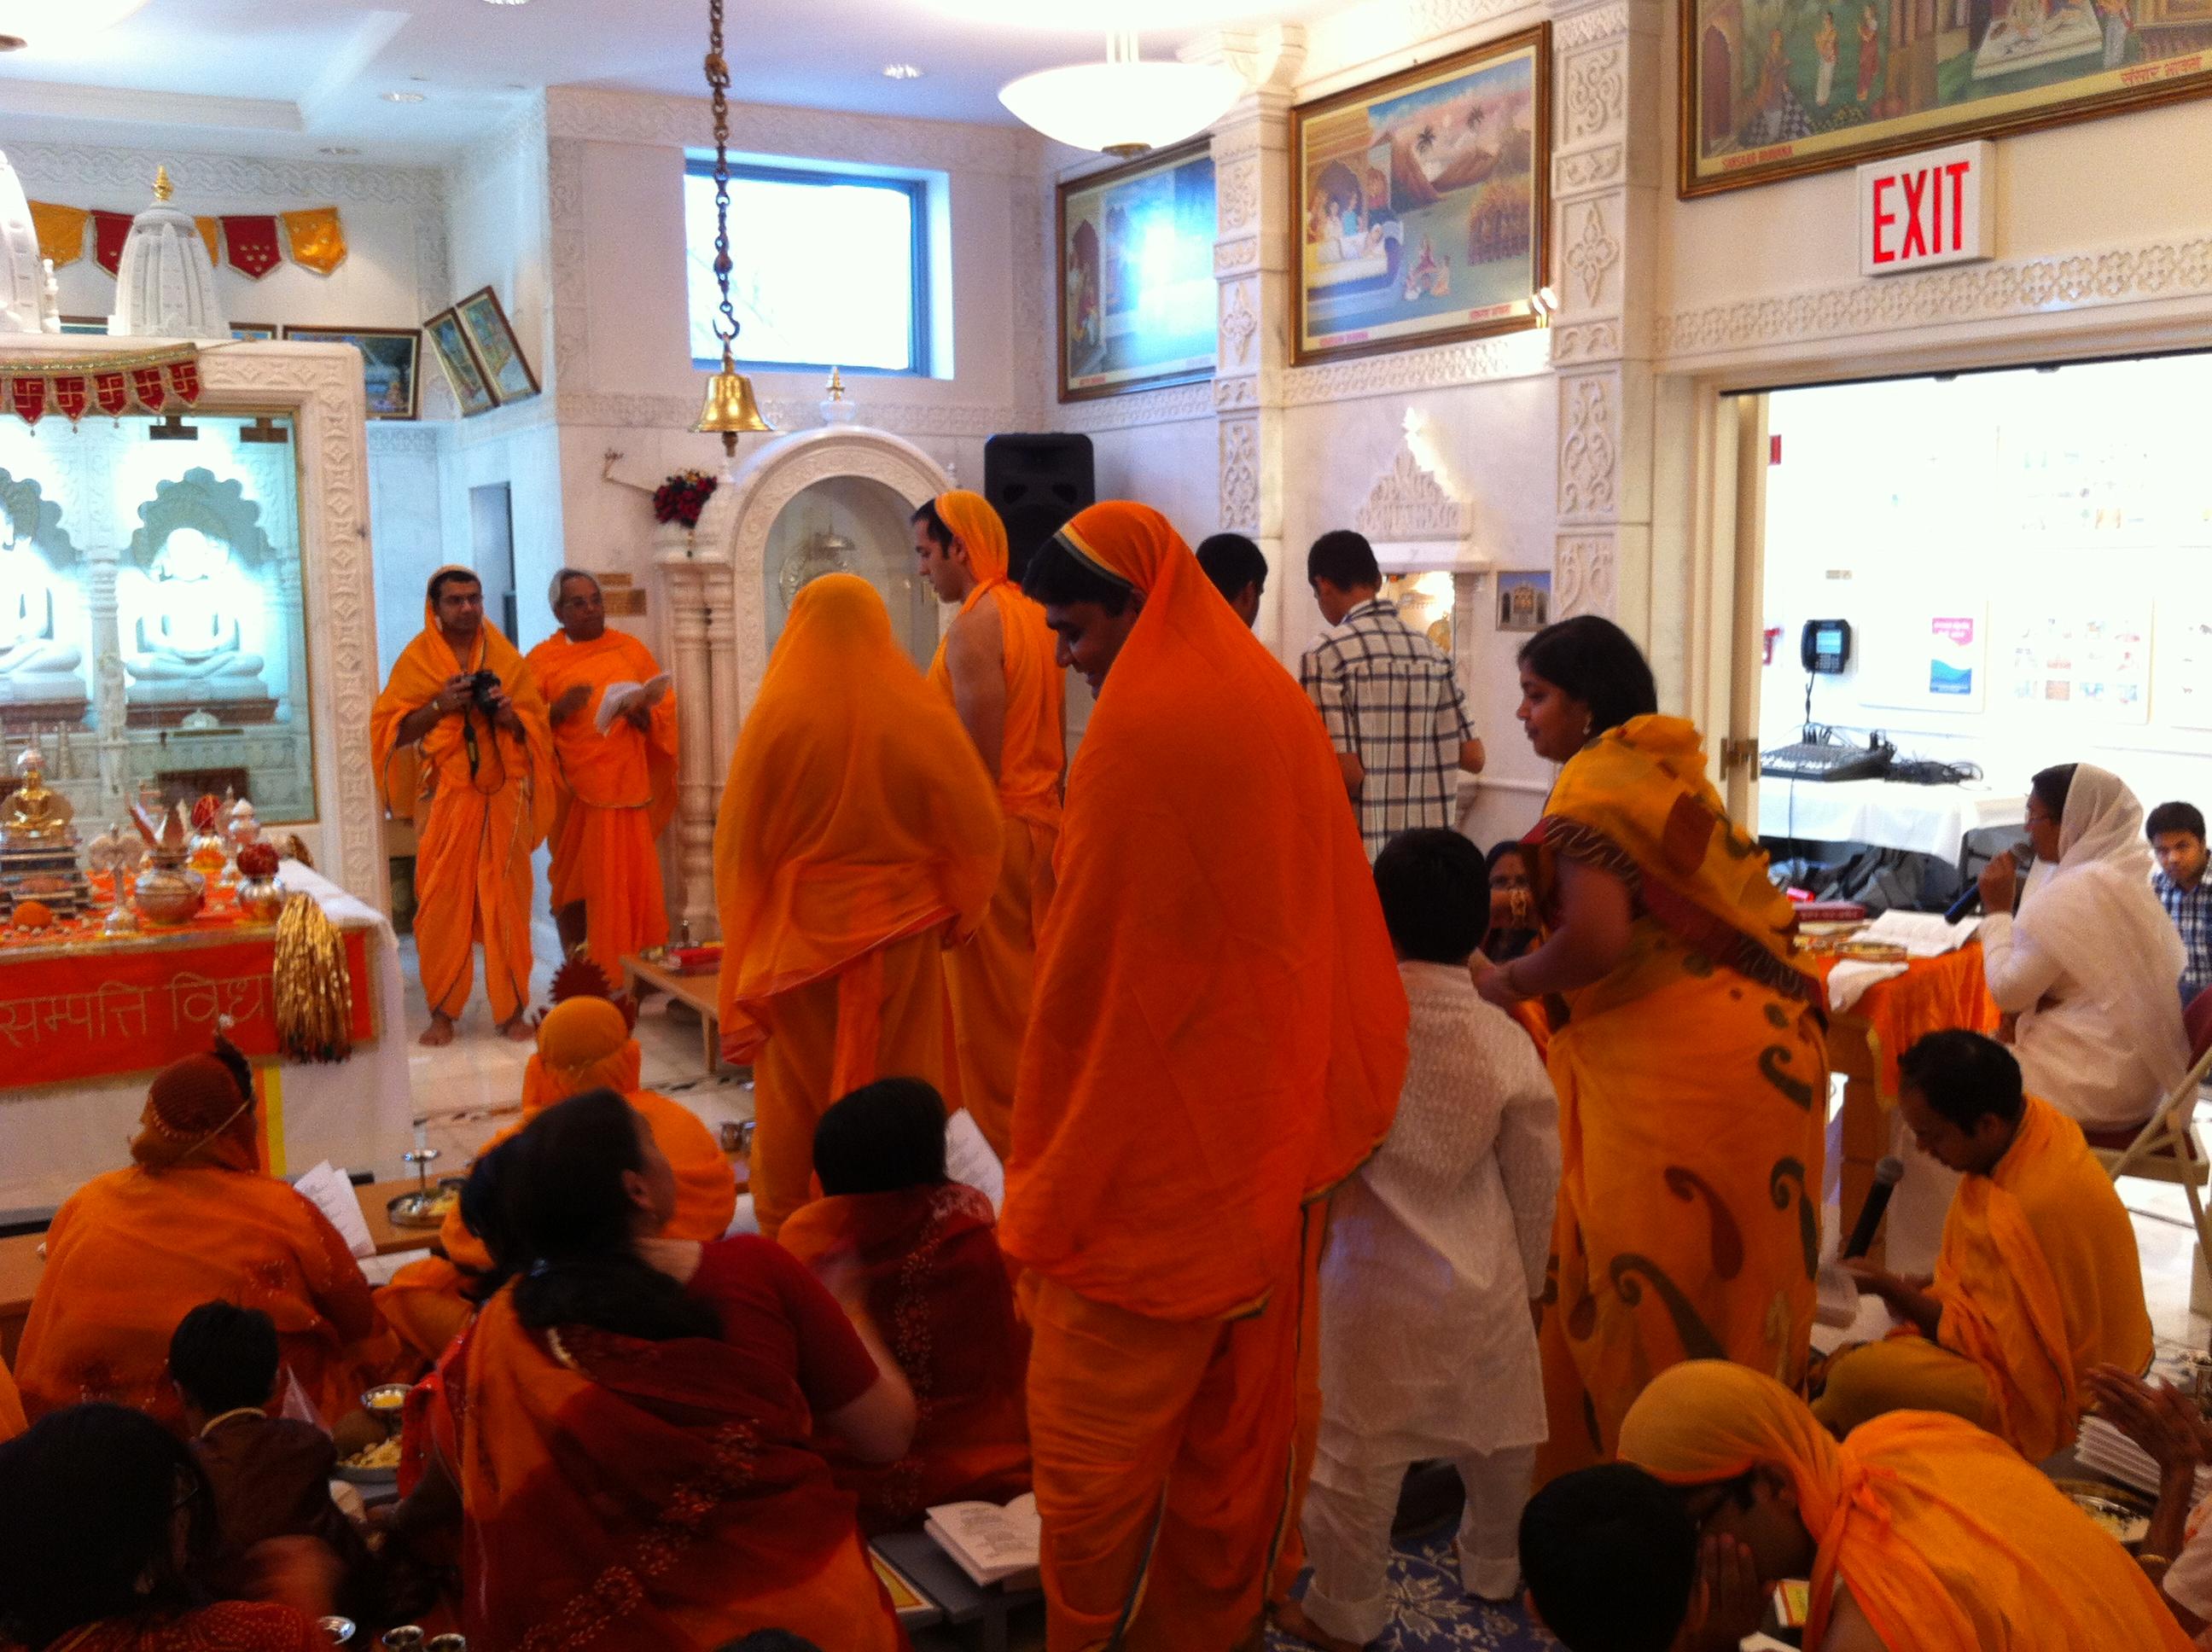 Das_Lakshana_(Paryusana)_celebrations,_New_York_City_Jain_temple_1